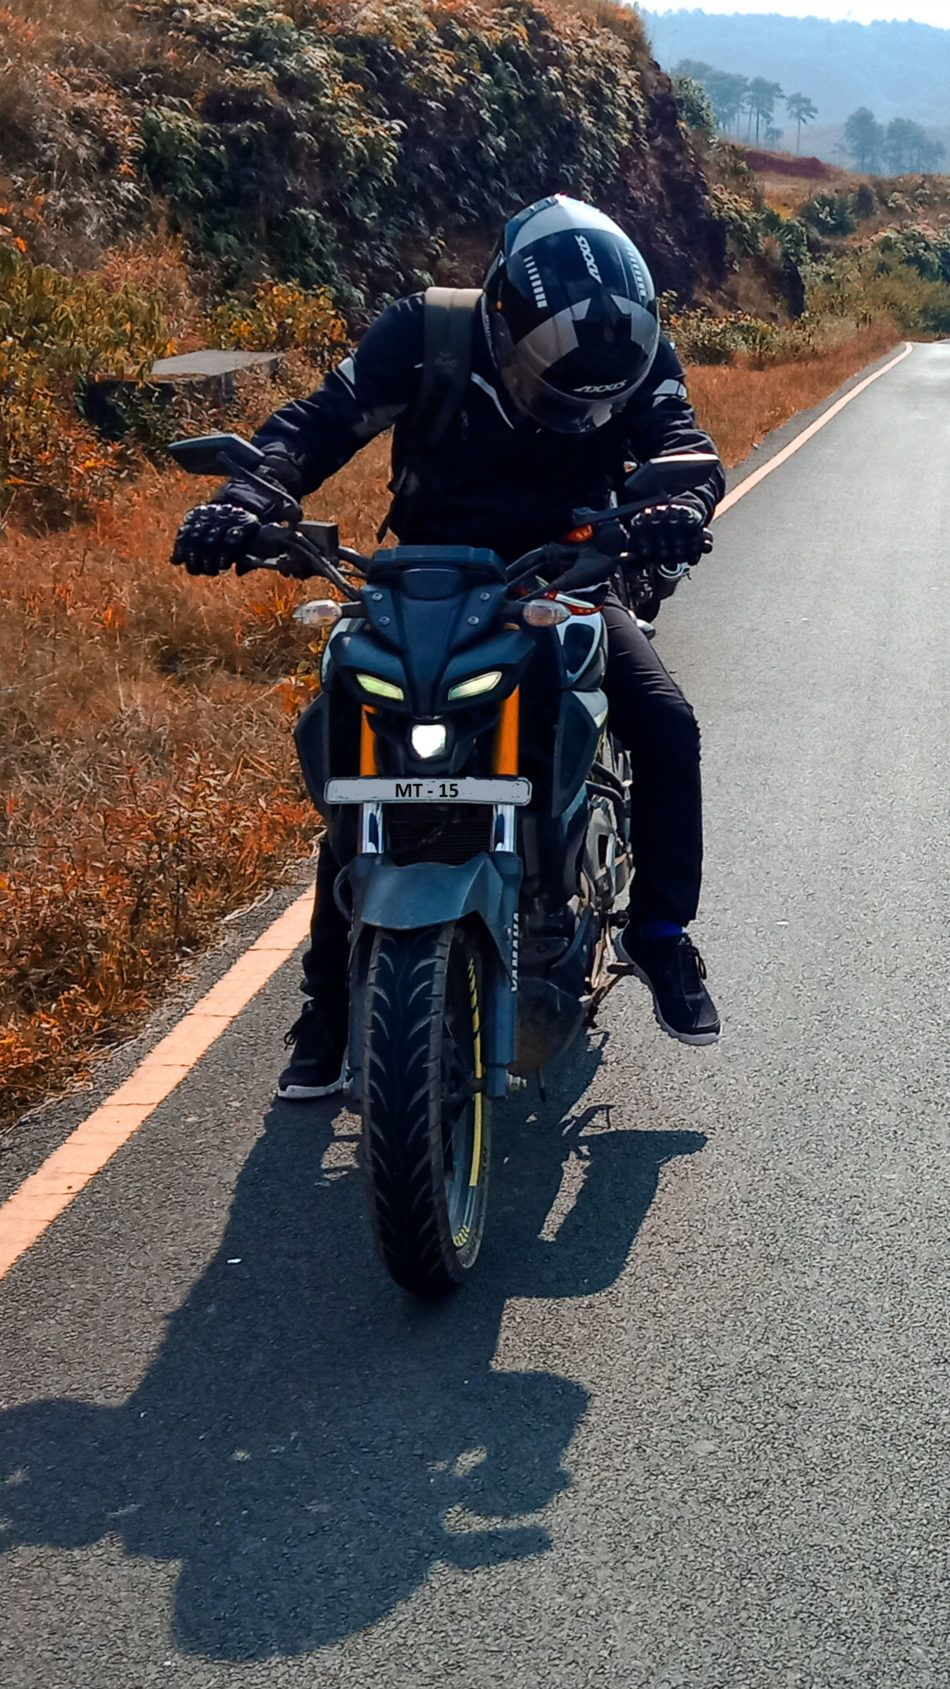 Rider Yamaha Mt 15 Highway Landscape 4k Ultra Hd Mobile Wallpaper Mt 15 Mt Bike Bike Pic